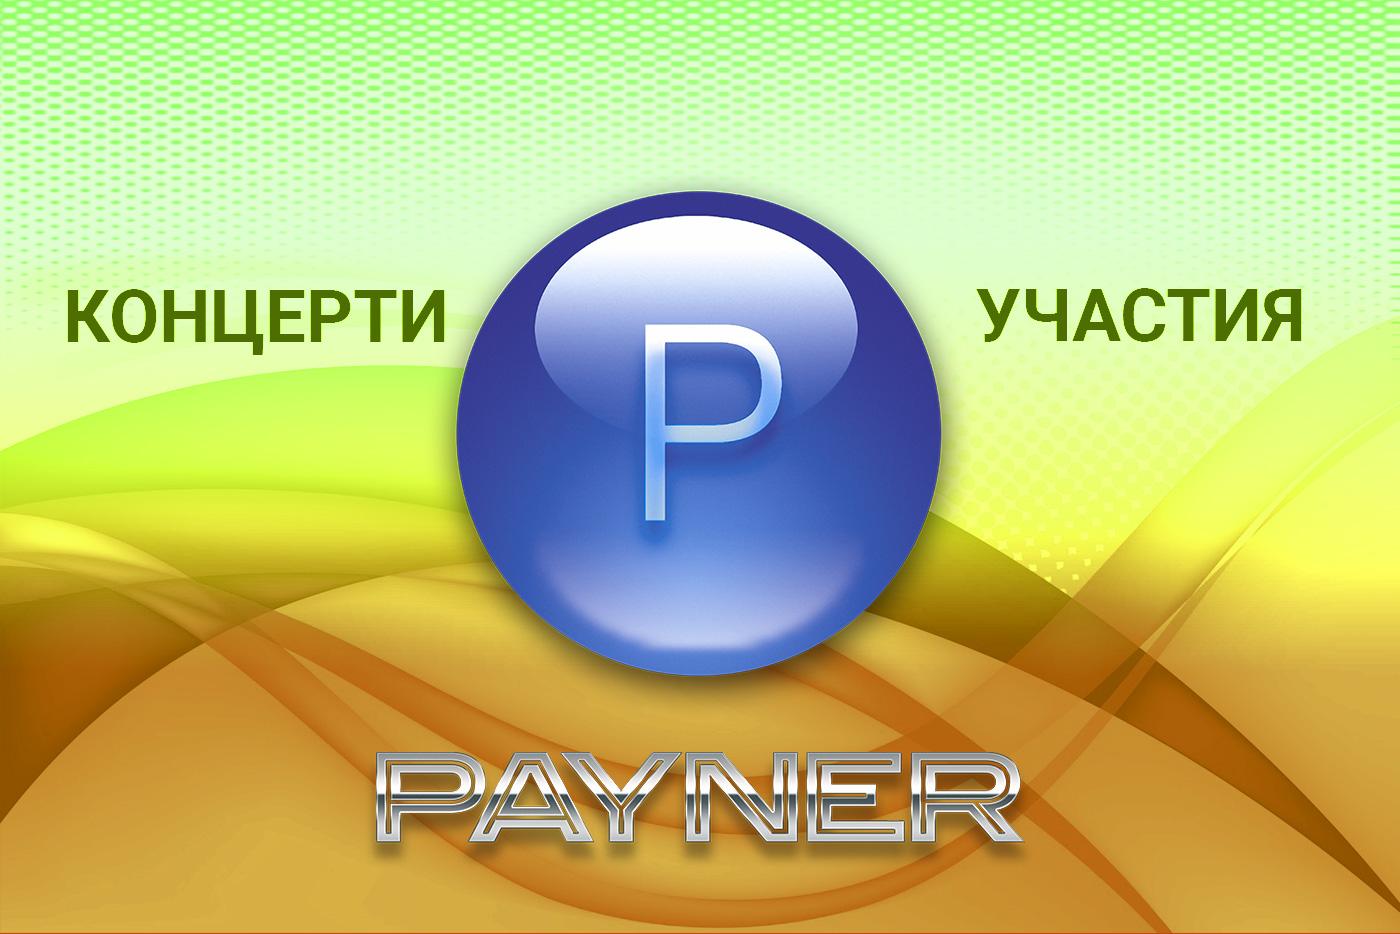 """Участия на звездите на """"Пайнер"""" на 20.01.2019"""